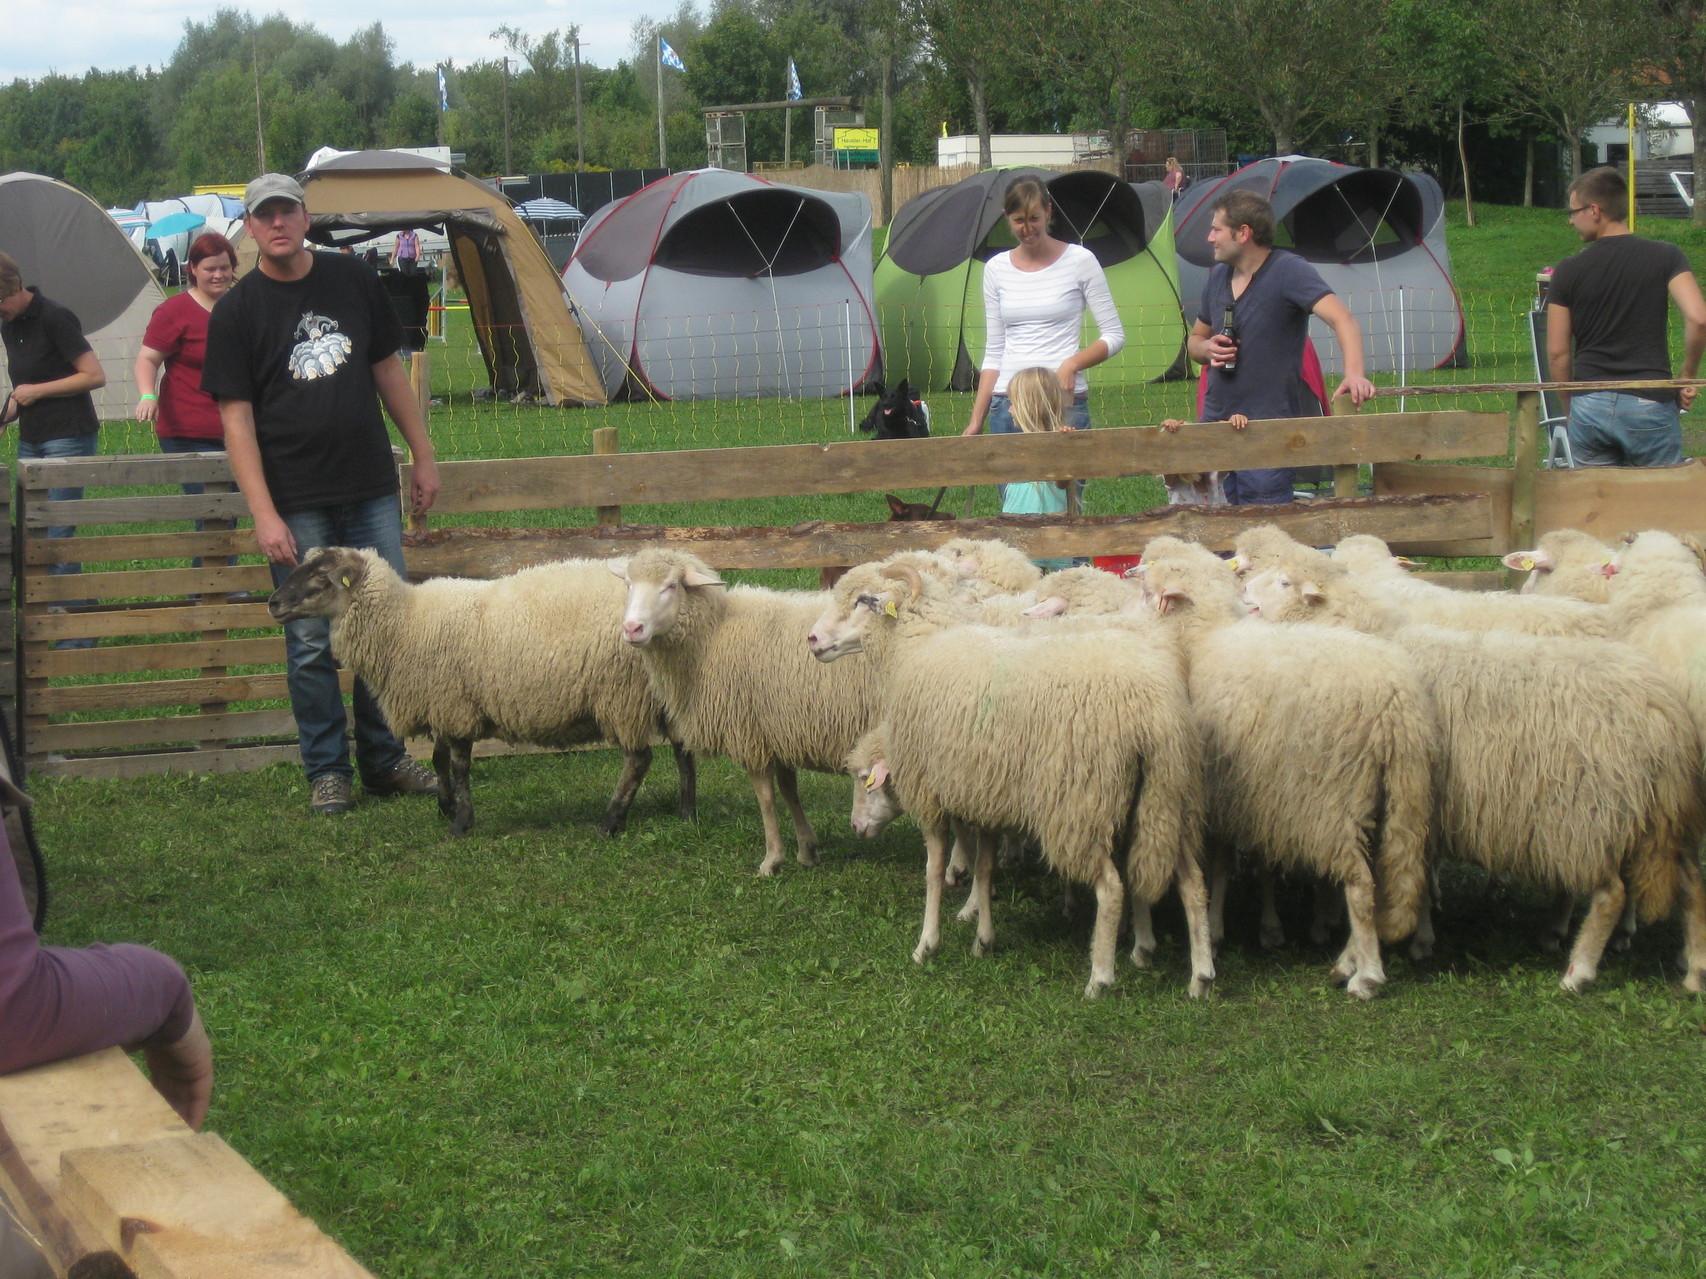 Bei den Schafen stehend, unser Dolmetscher.